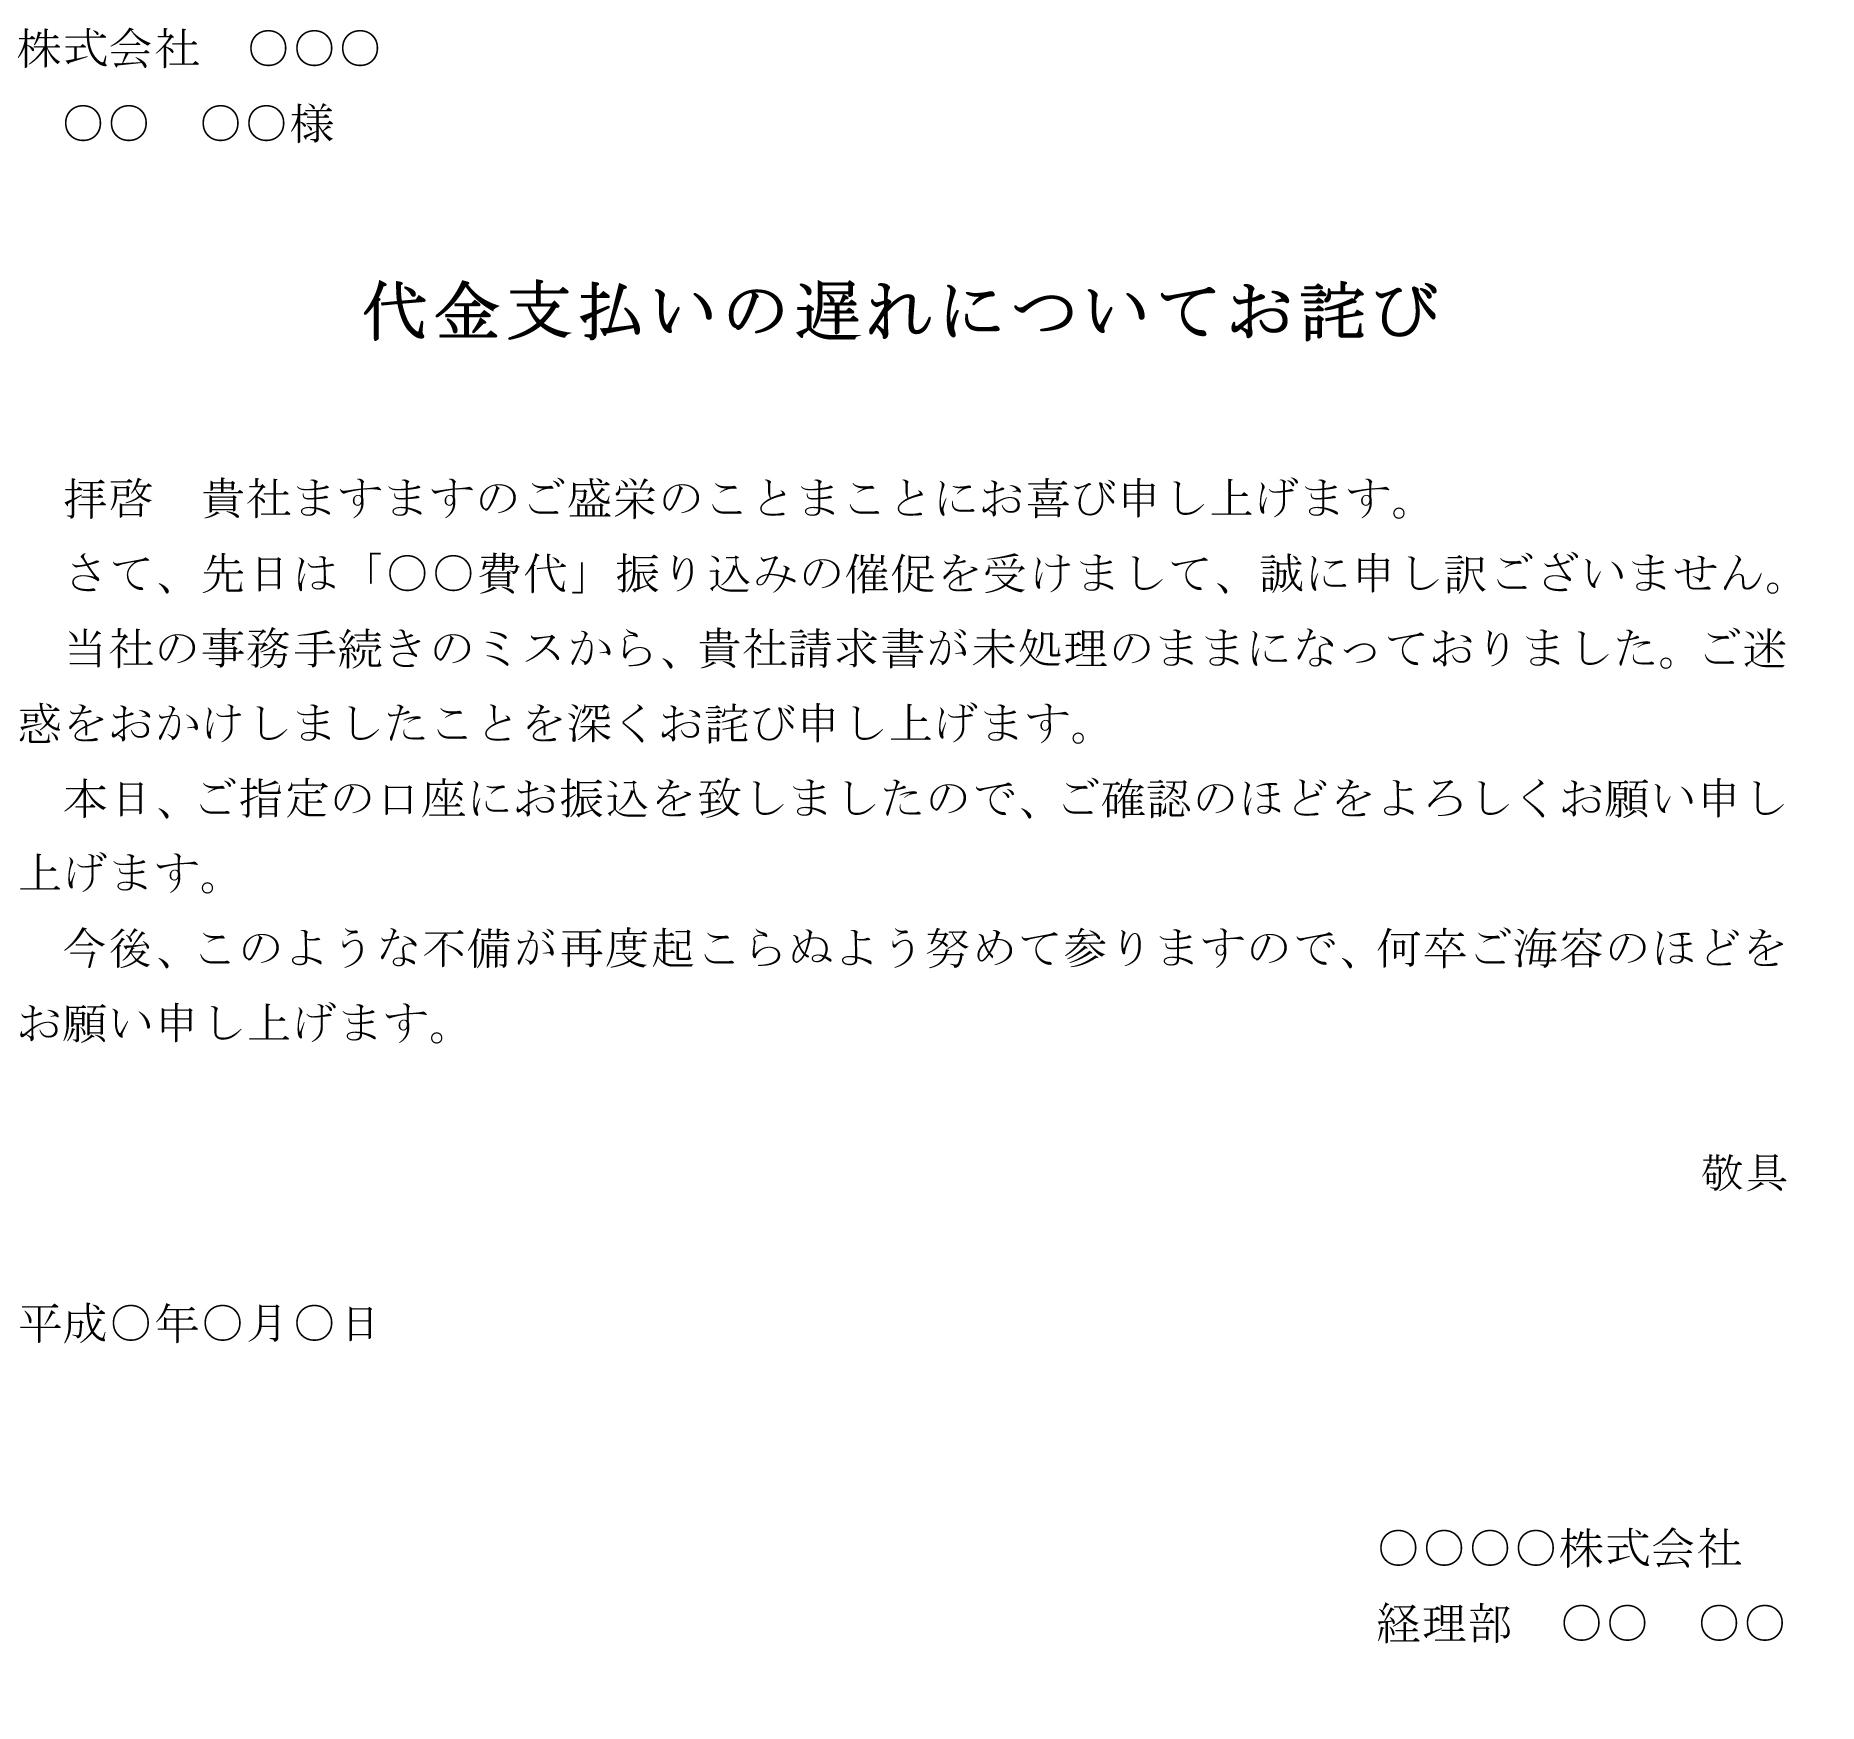 お詫び状(代金支払いの遅れ)